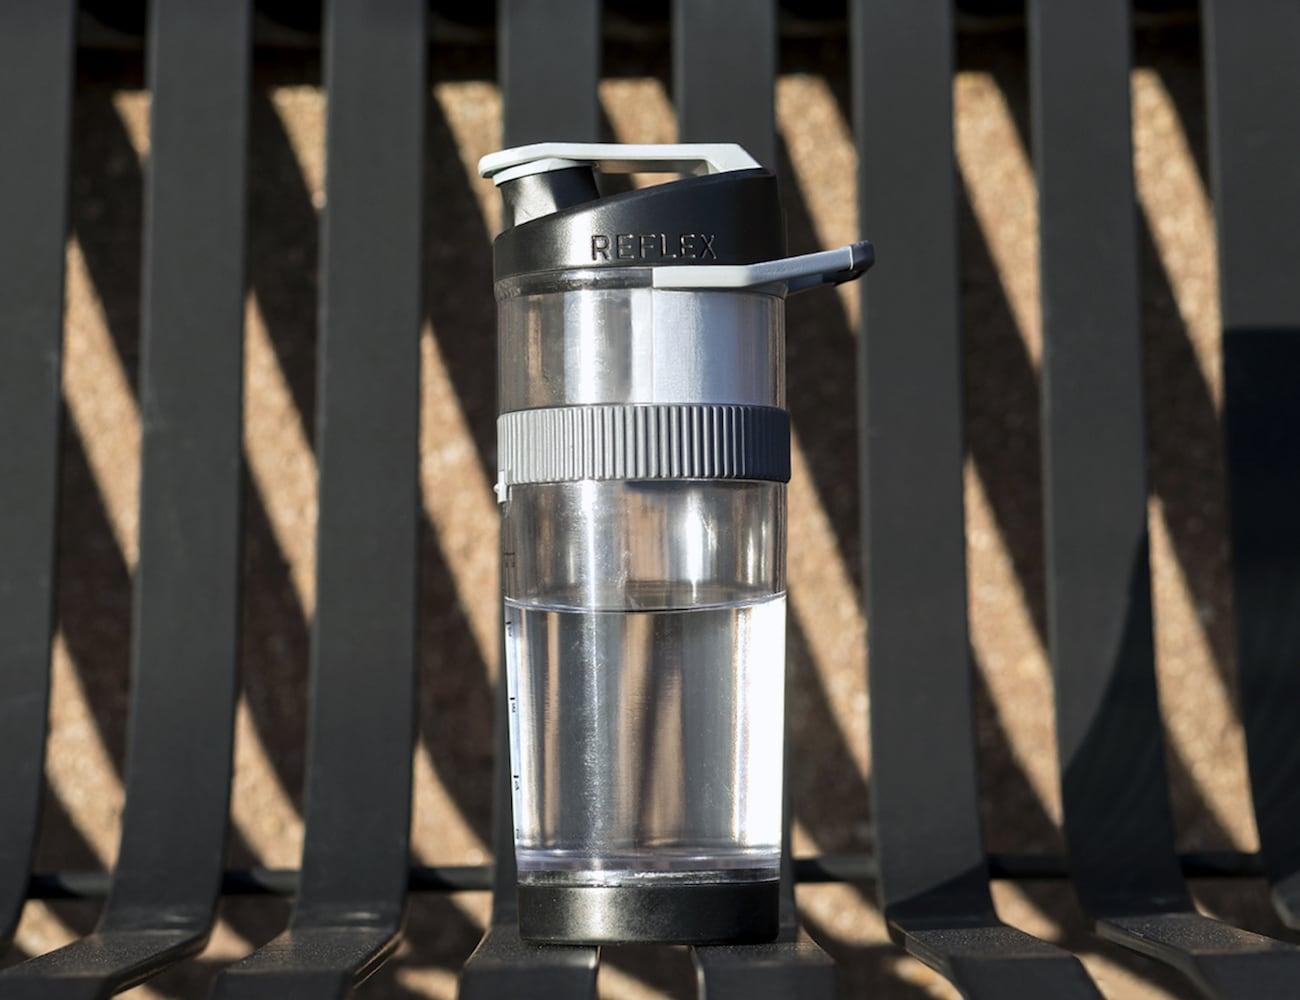 REFLEX All-In-One Shaker Bottle